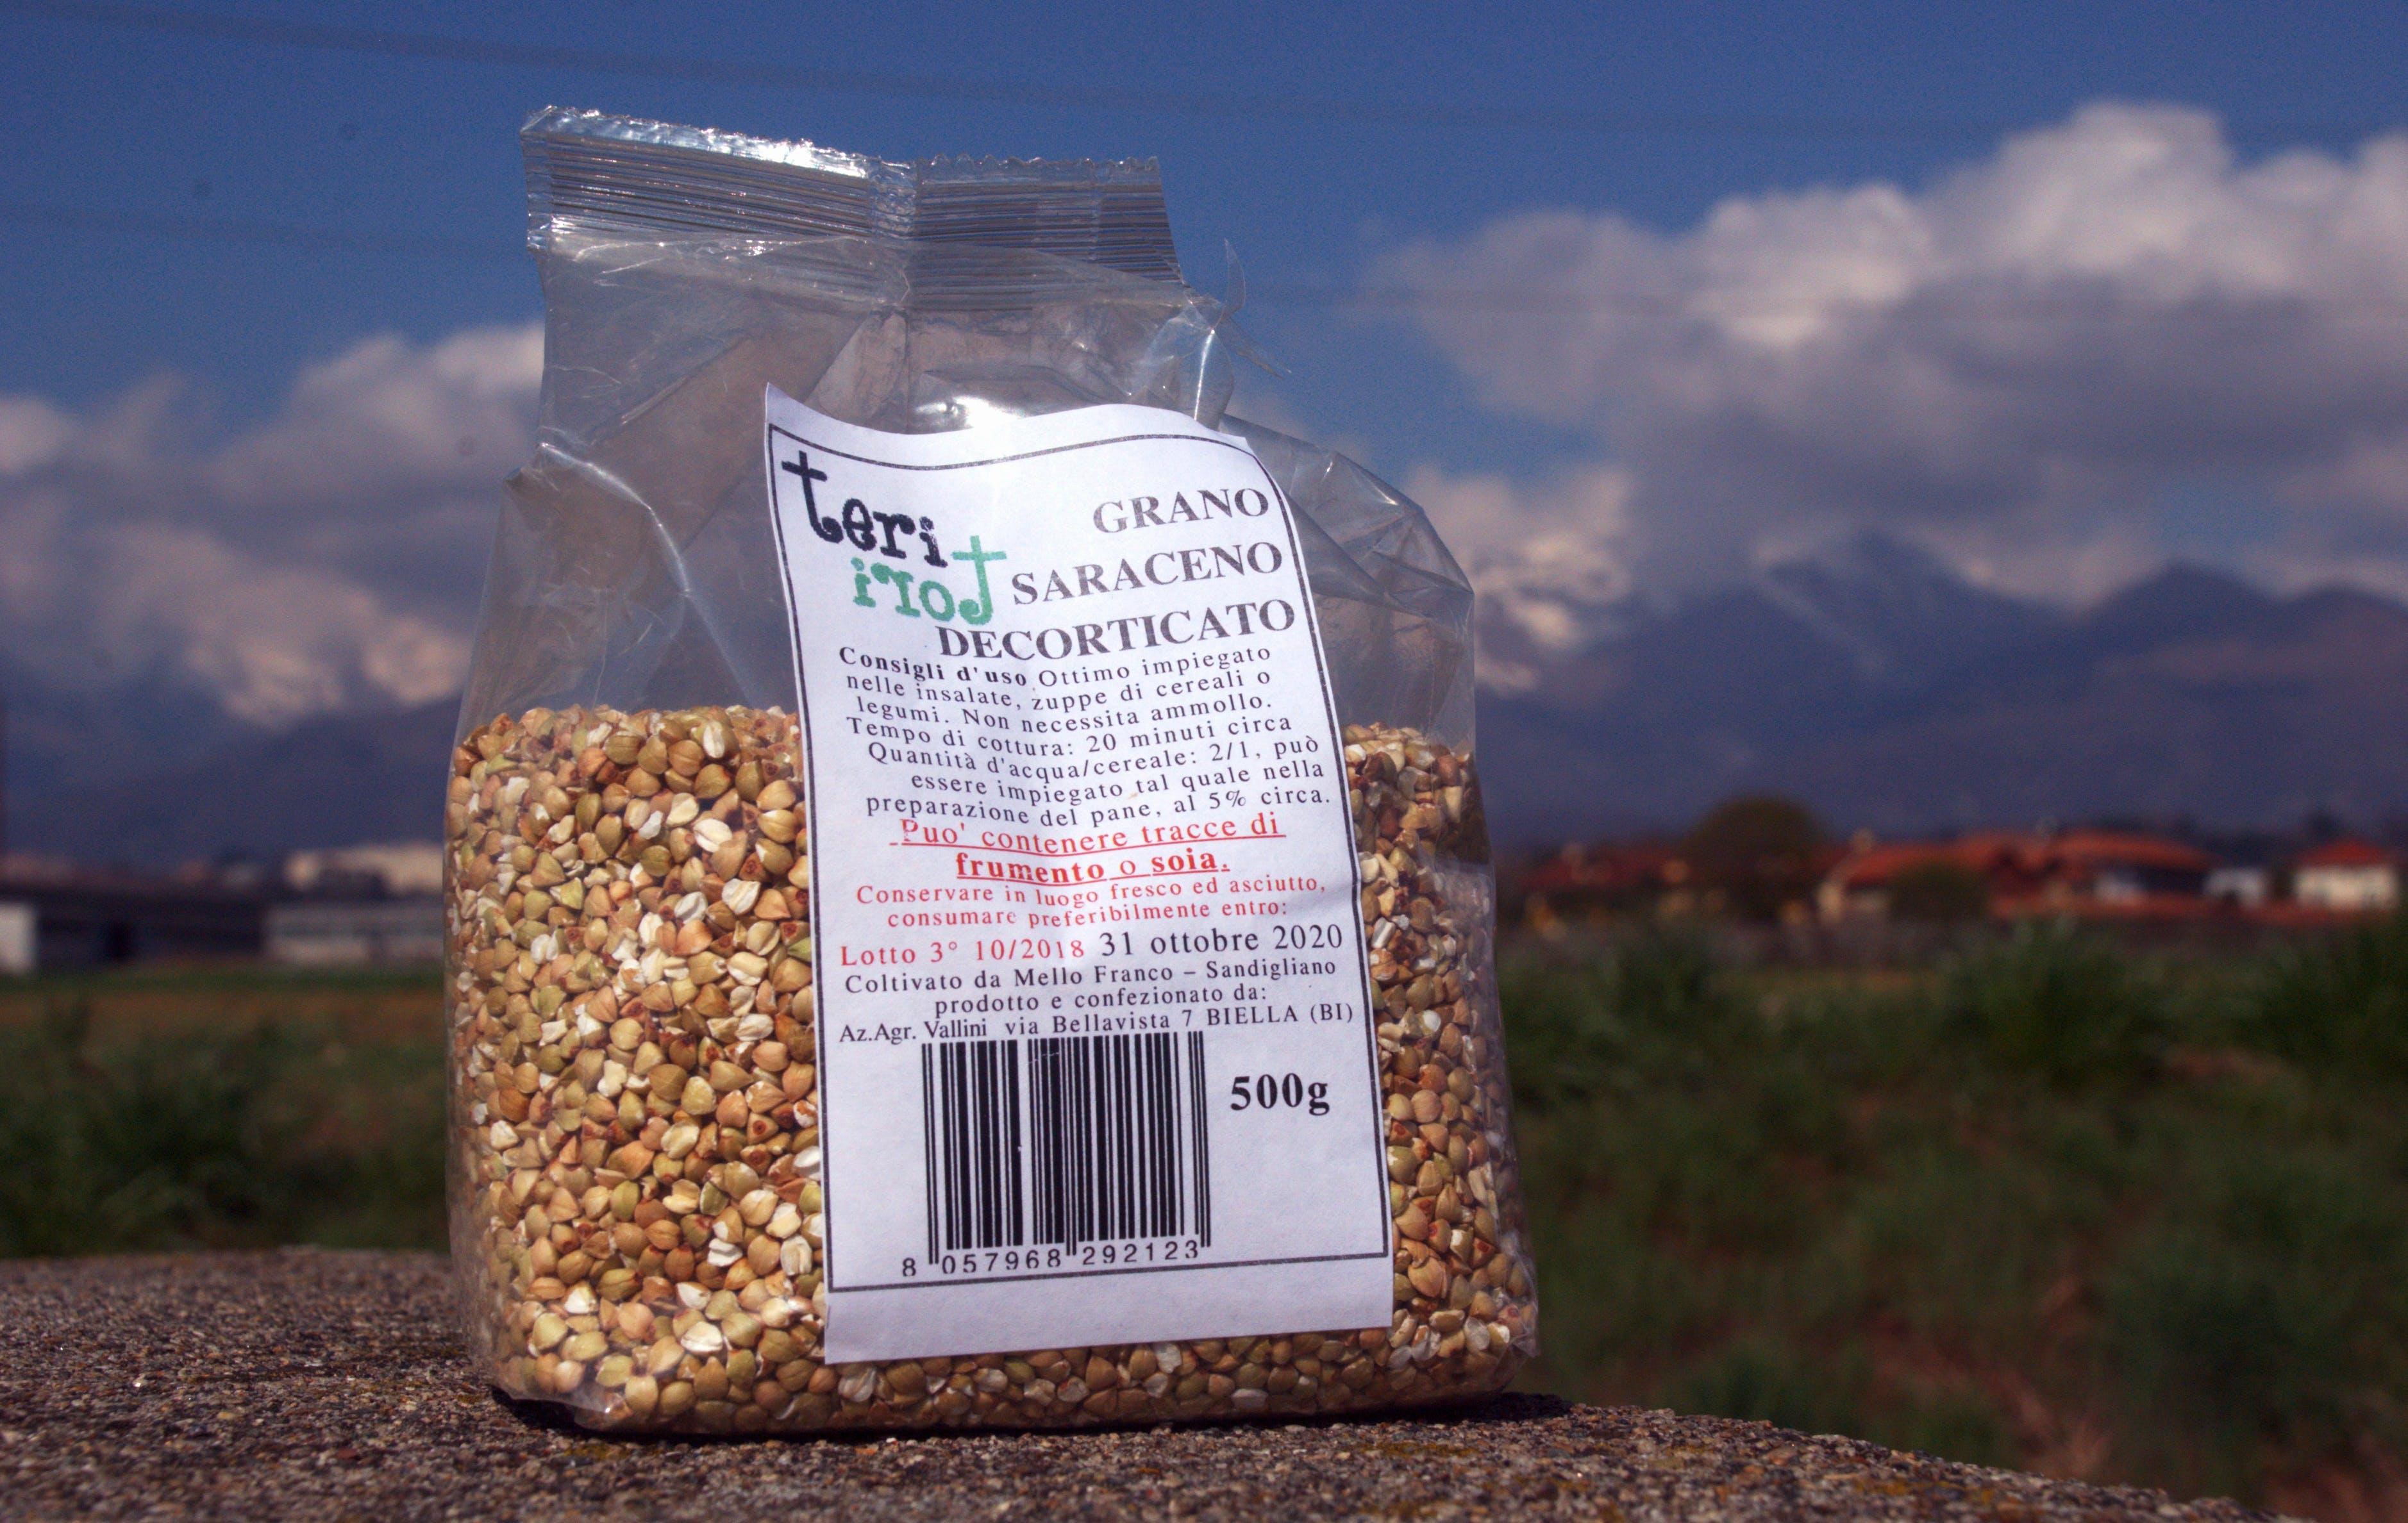 Chicchi di grano Saraceno decorticato